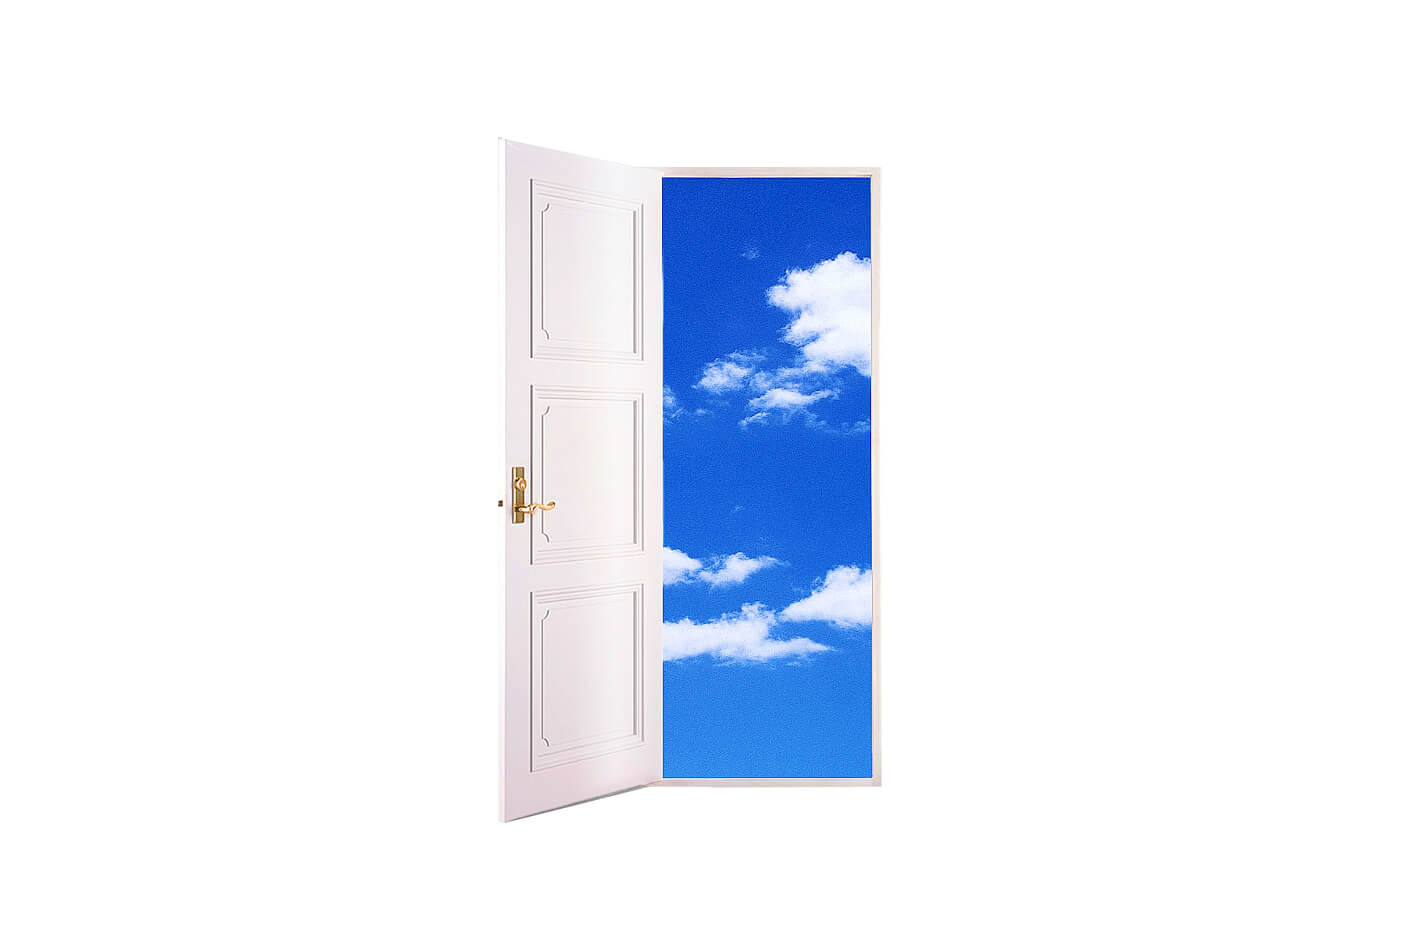 新しい世界への扉